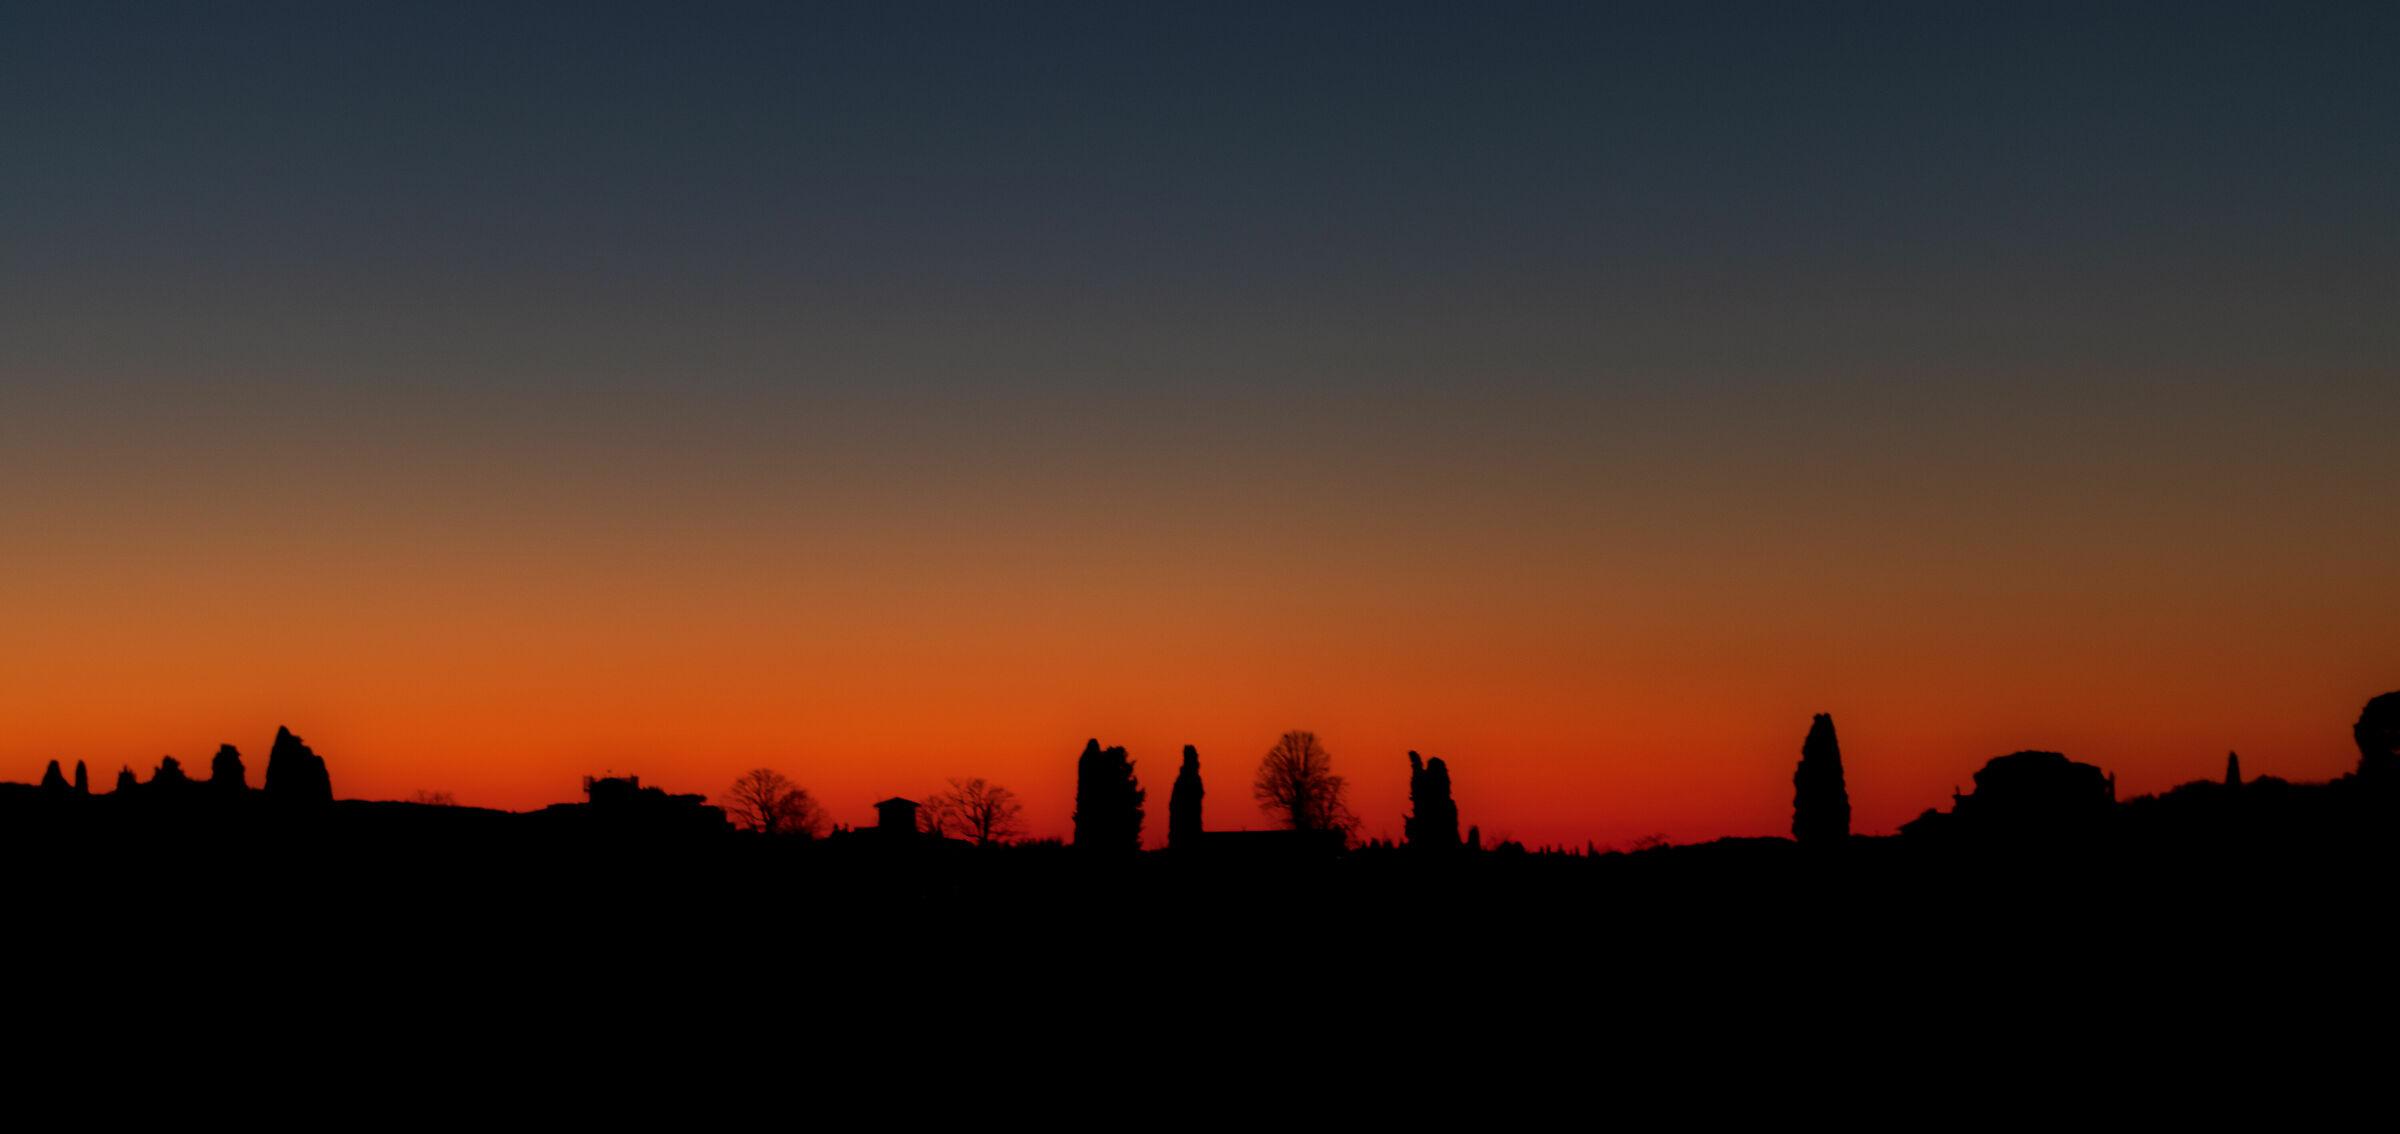 shadows at sunset...